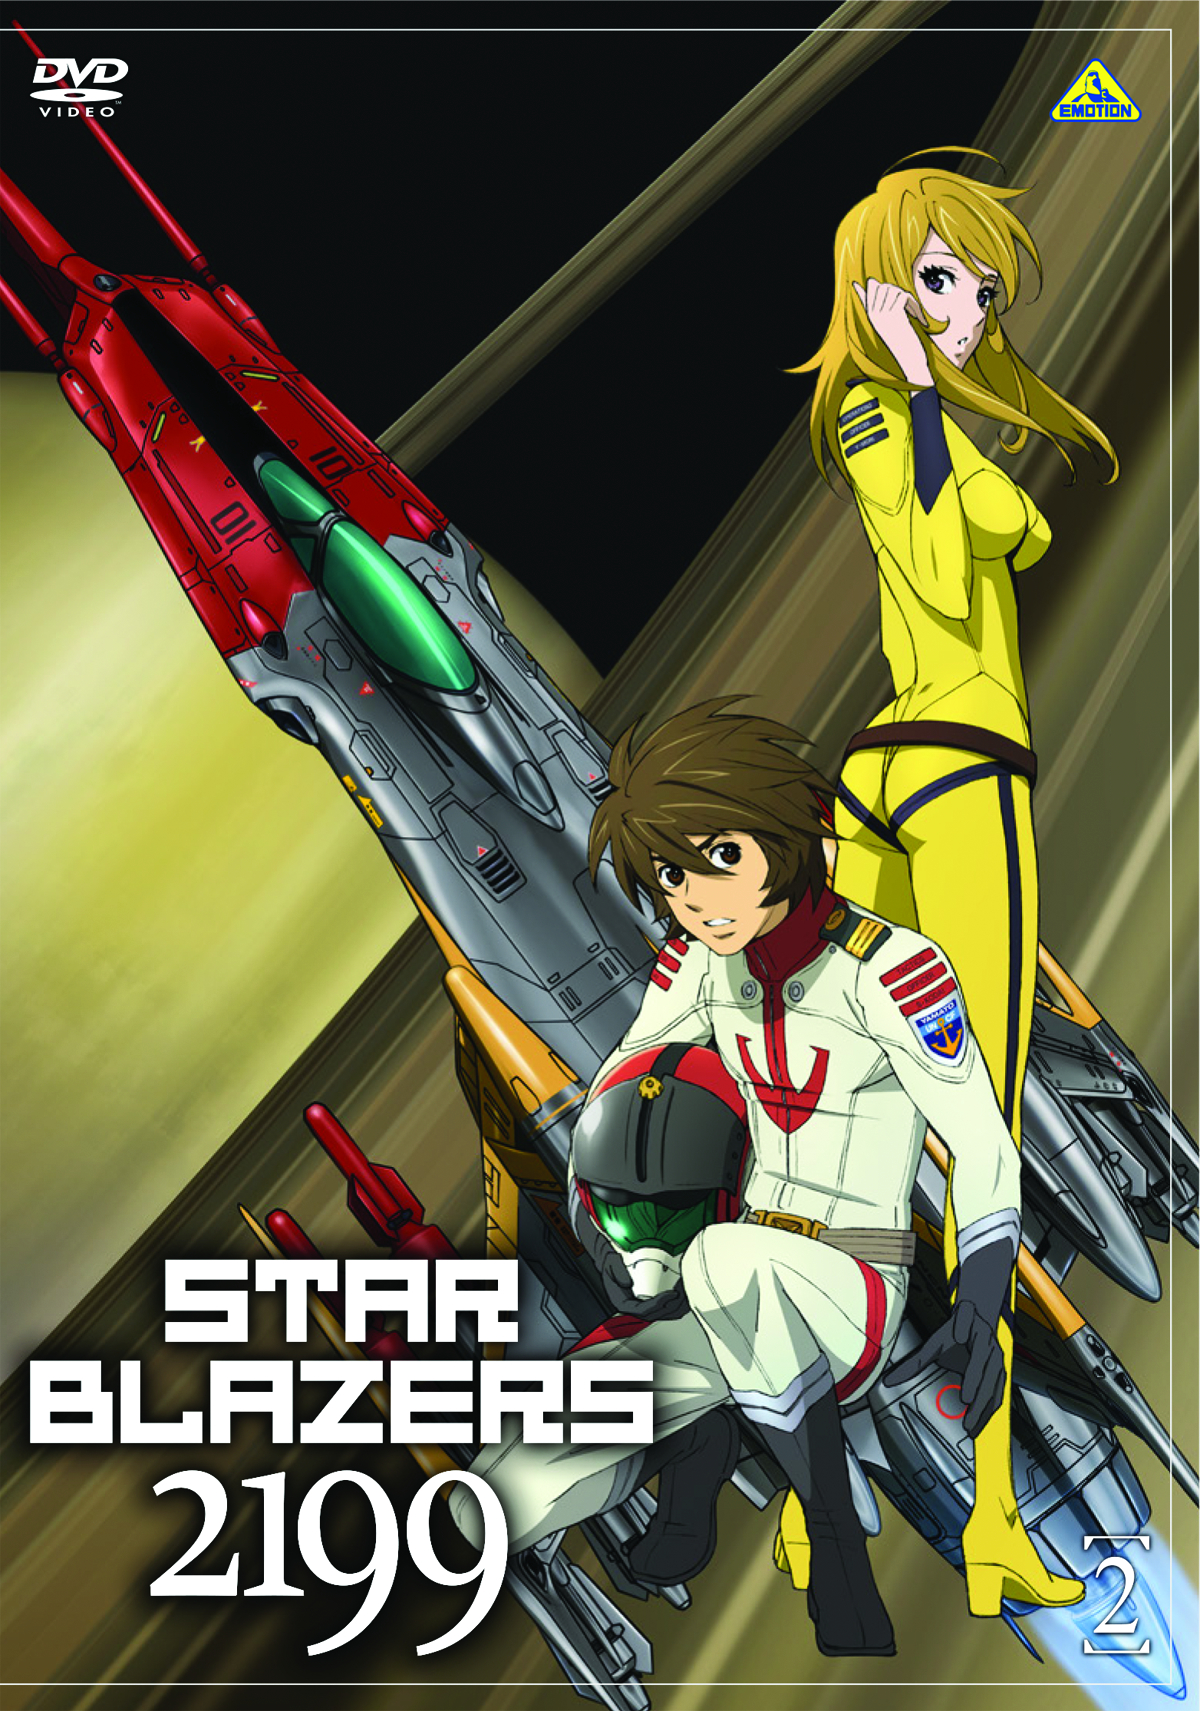 Star Blazers 2199 Stream